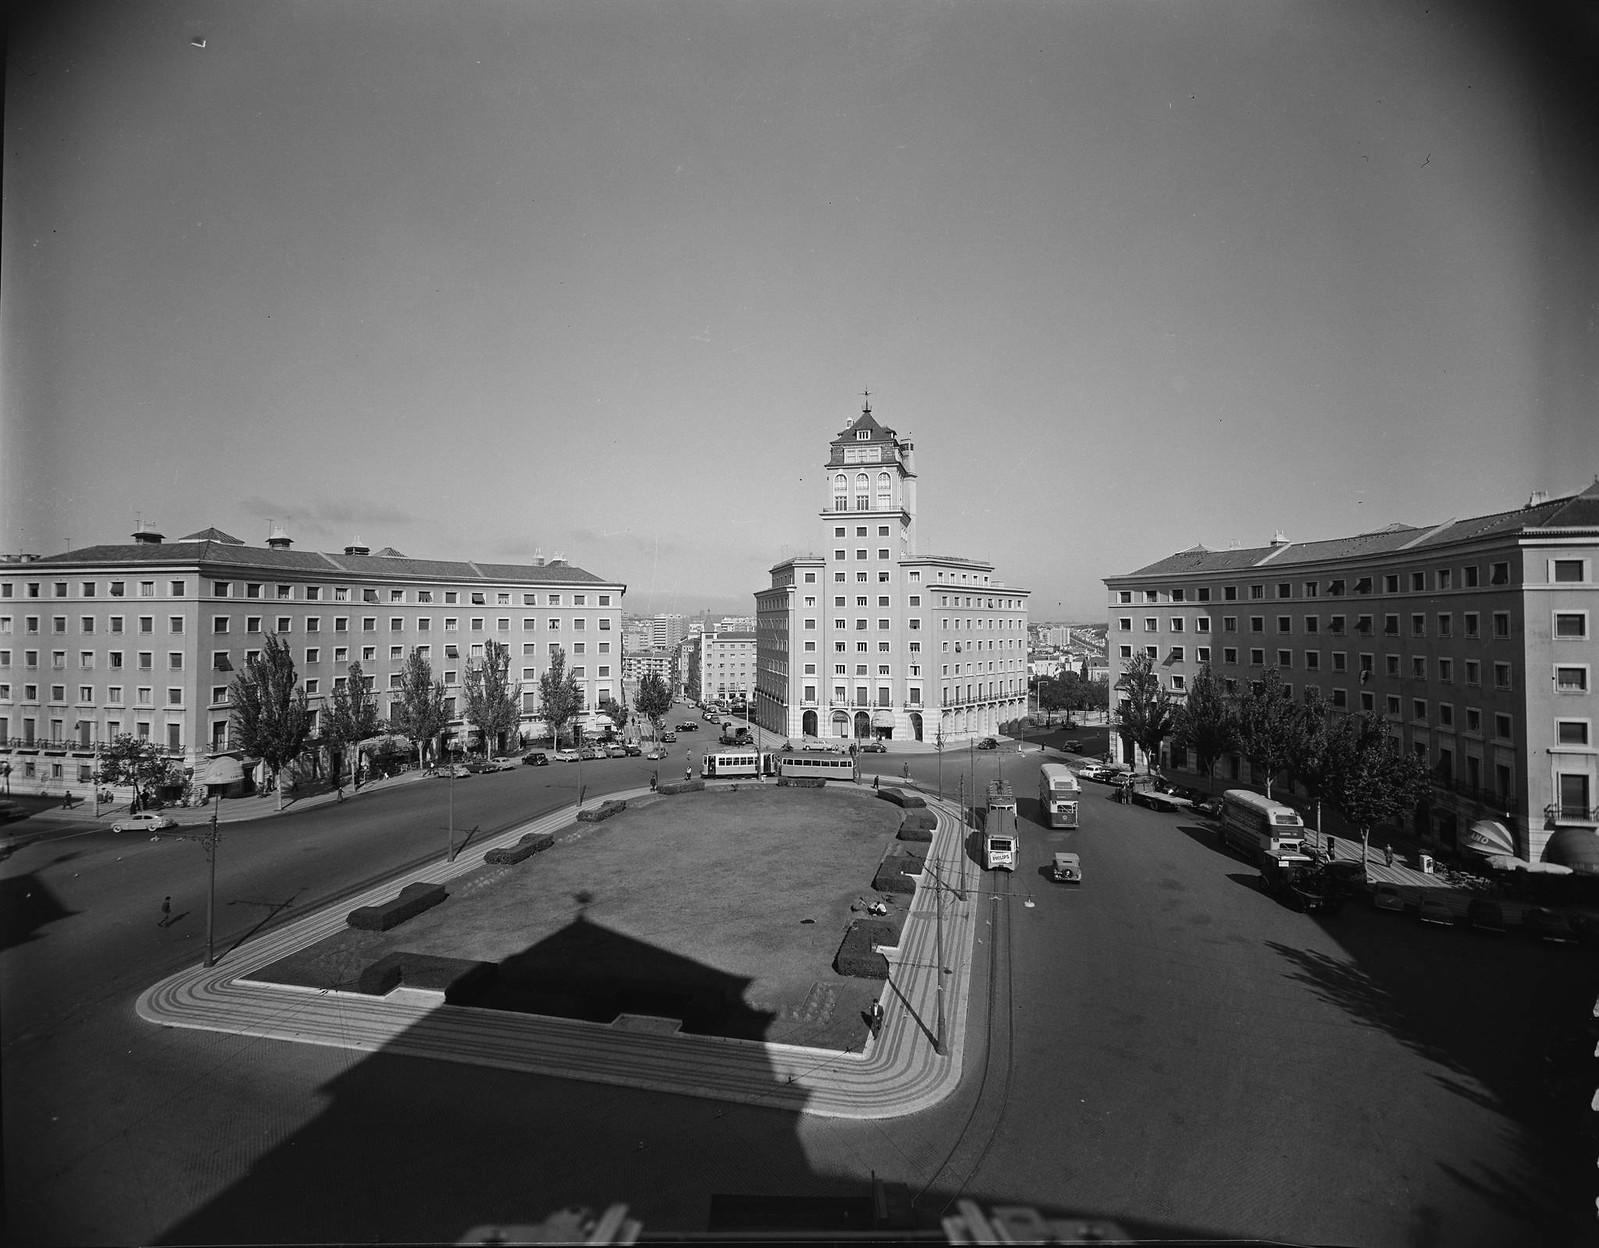 Praça do Areeiro, Lisboa (A. Serôdio, 1958)